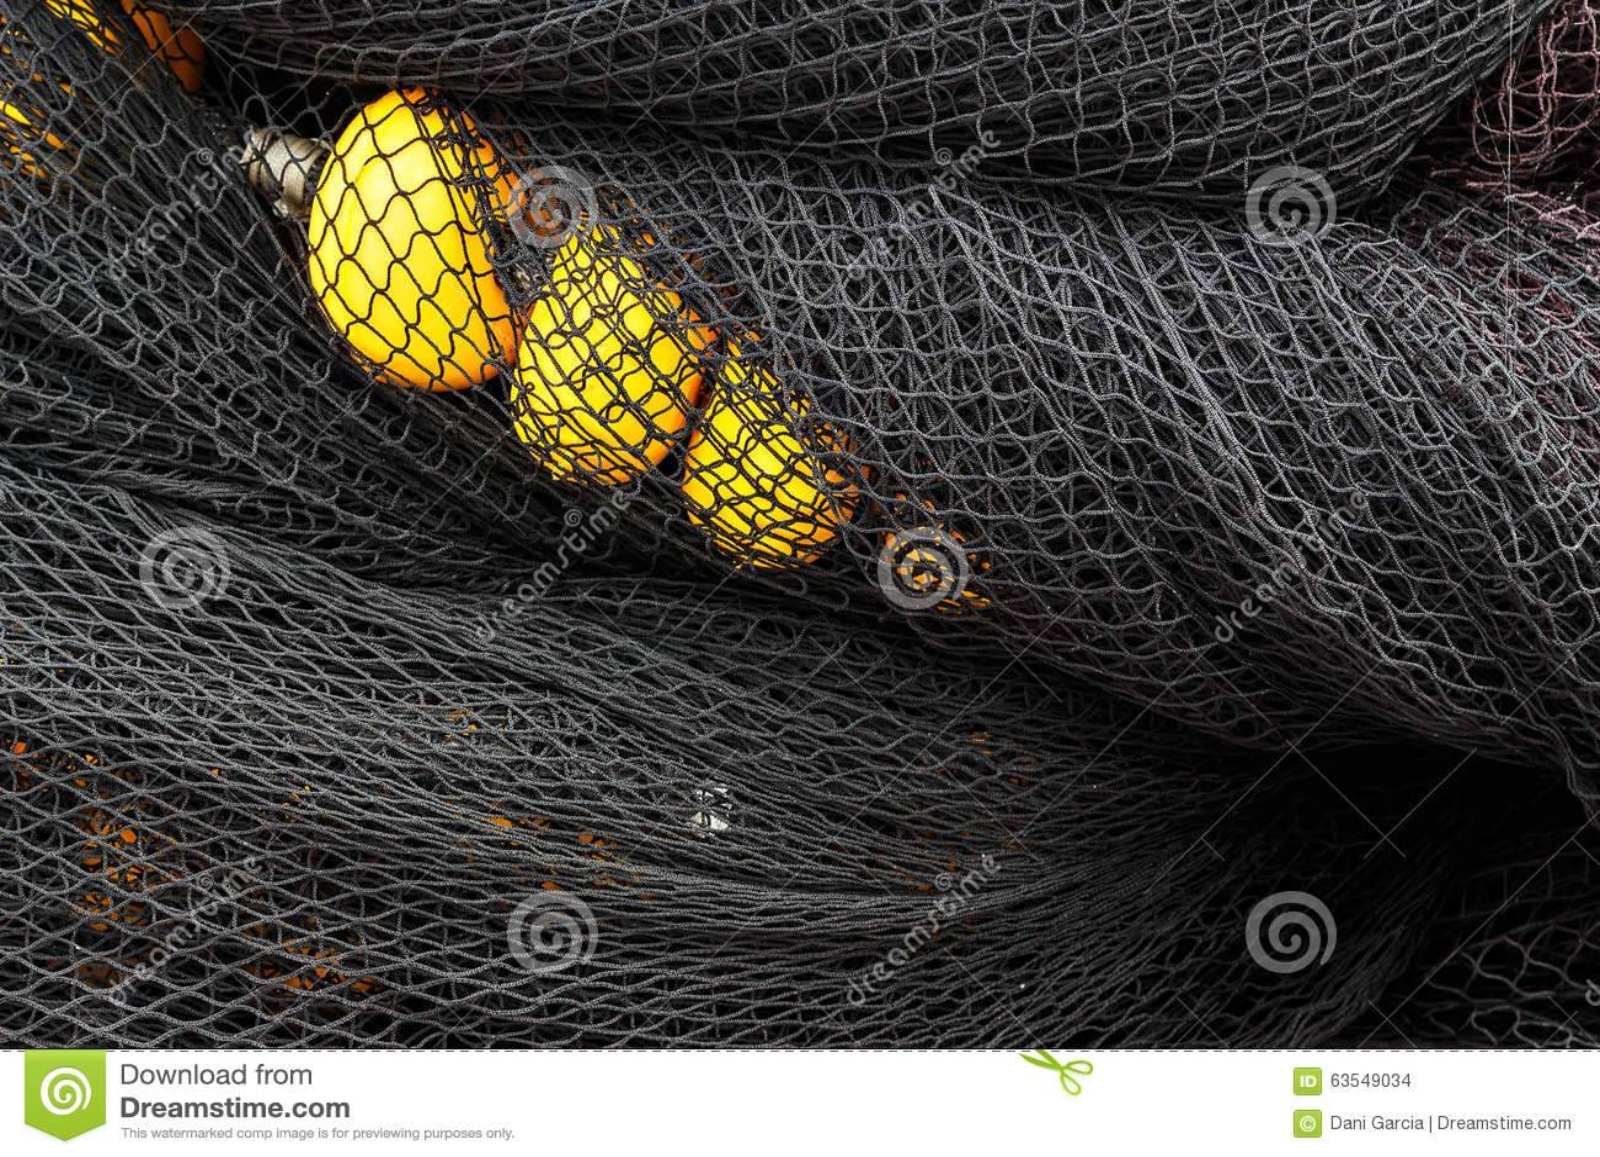 Rete da pesca con i sugheri fotografia stock immagine di for Rete da pesca arredamento